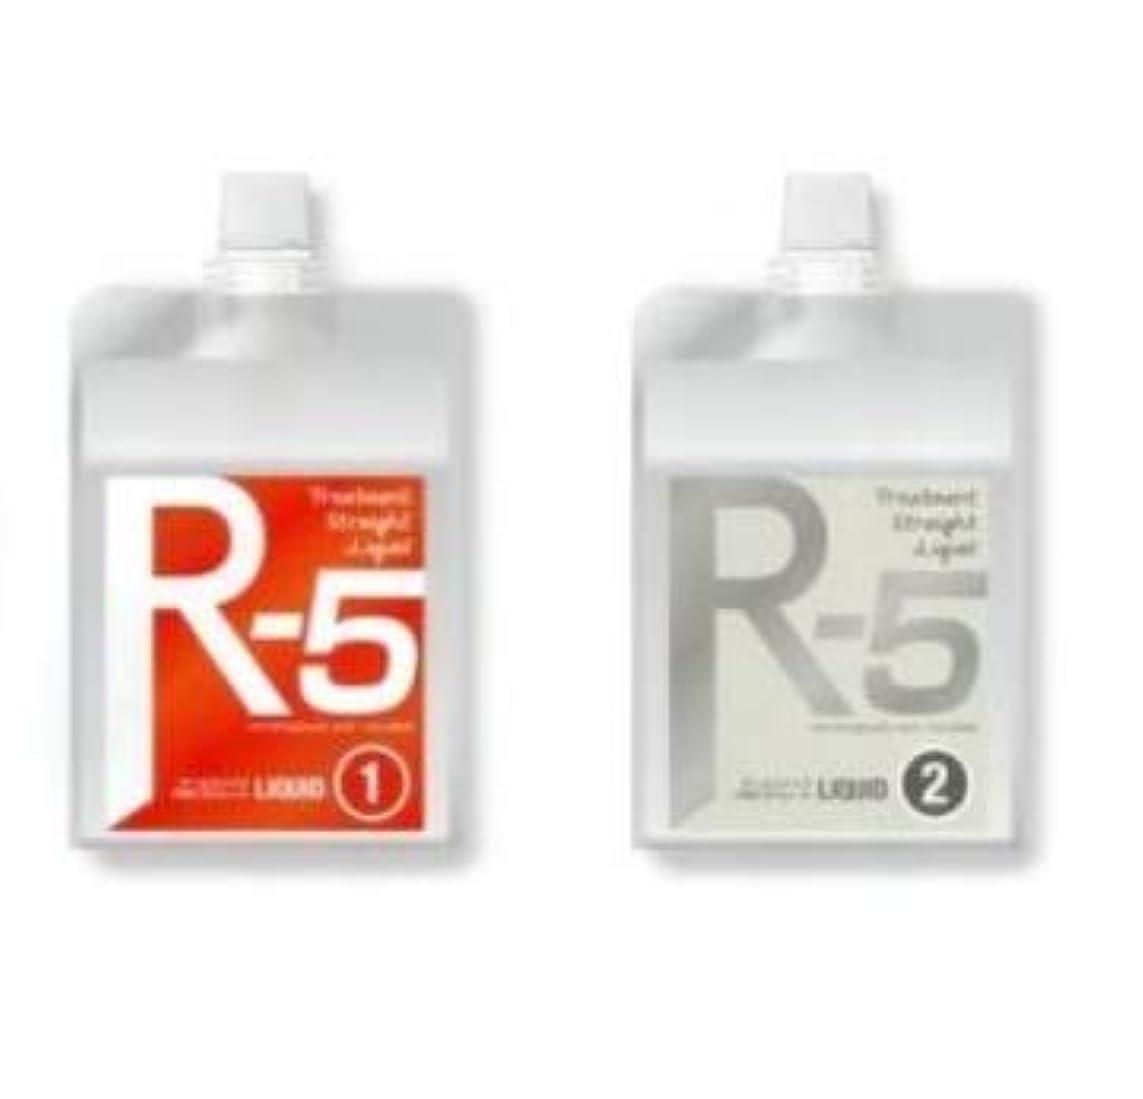 抽象舗装不完全CMCトリートメントストレート R-5 レッド(レギュラー) ストレート剤 ダメージレス